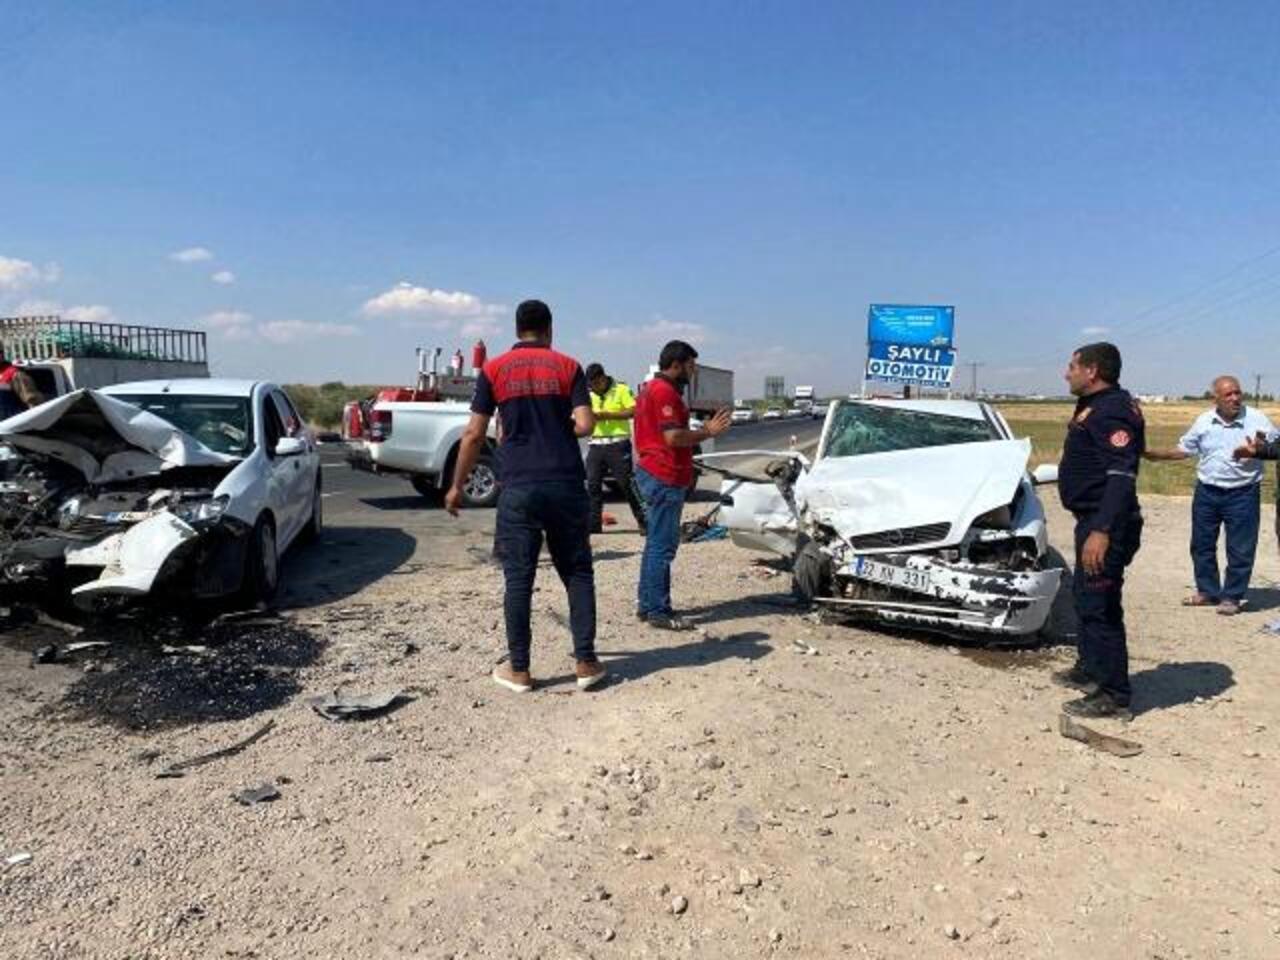 Şanlıurfa'da iki otomobilin çarpışması sonucu 7 kişi yaralandı